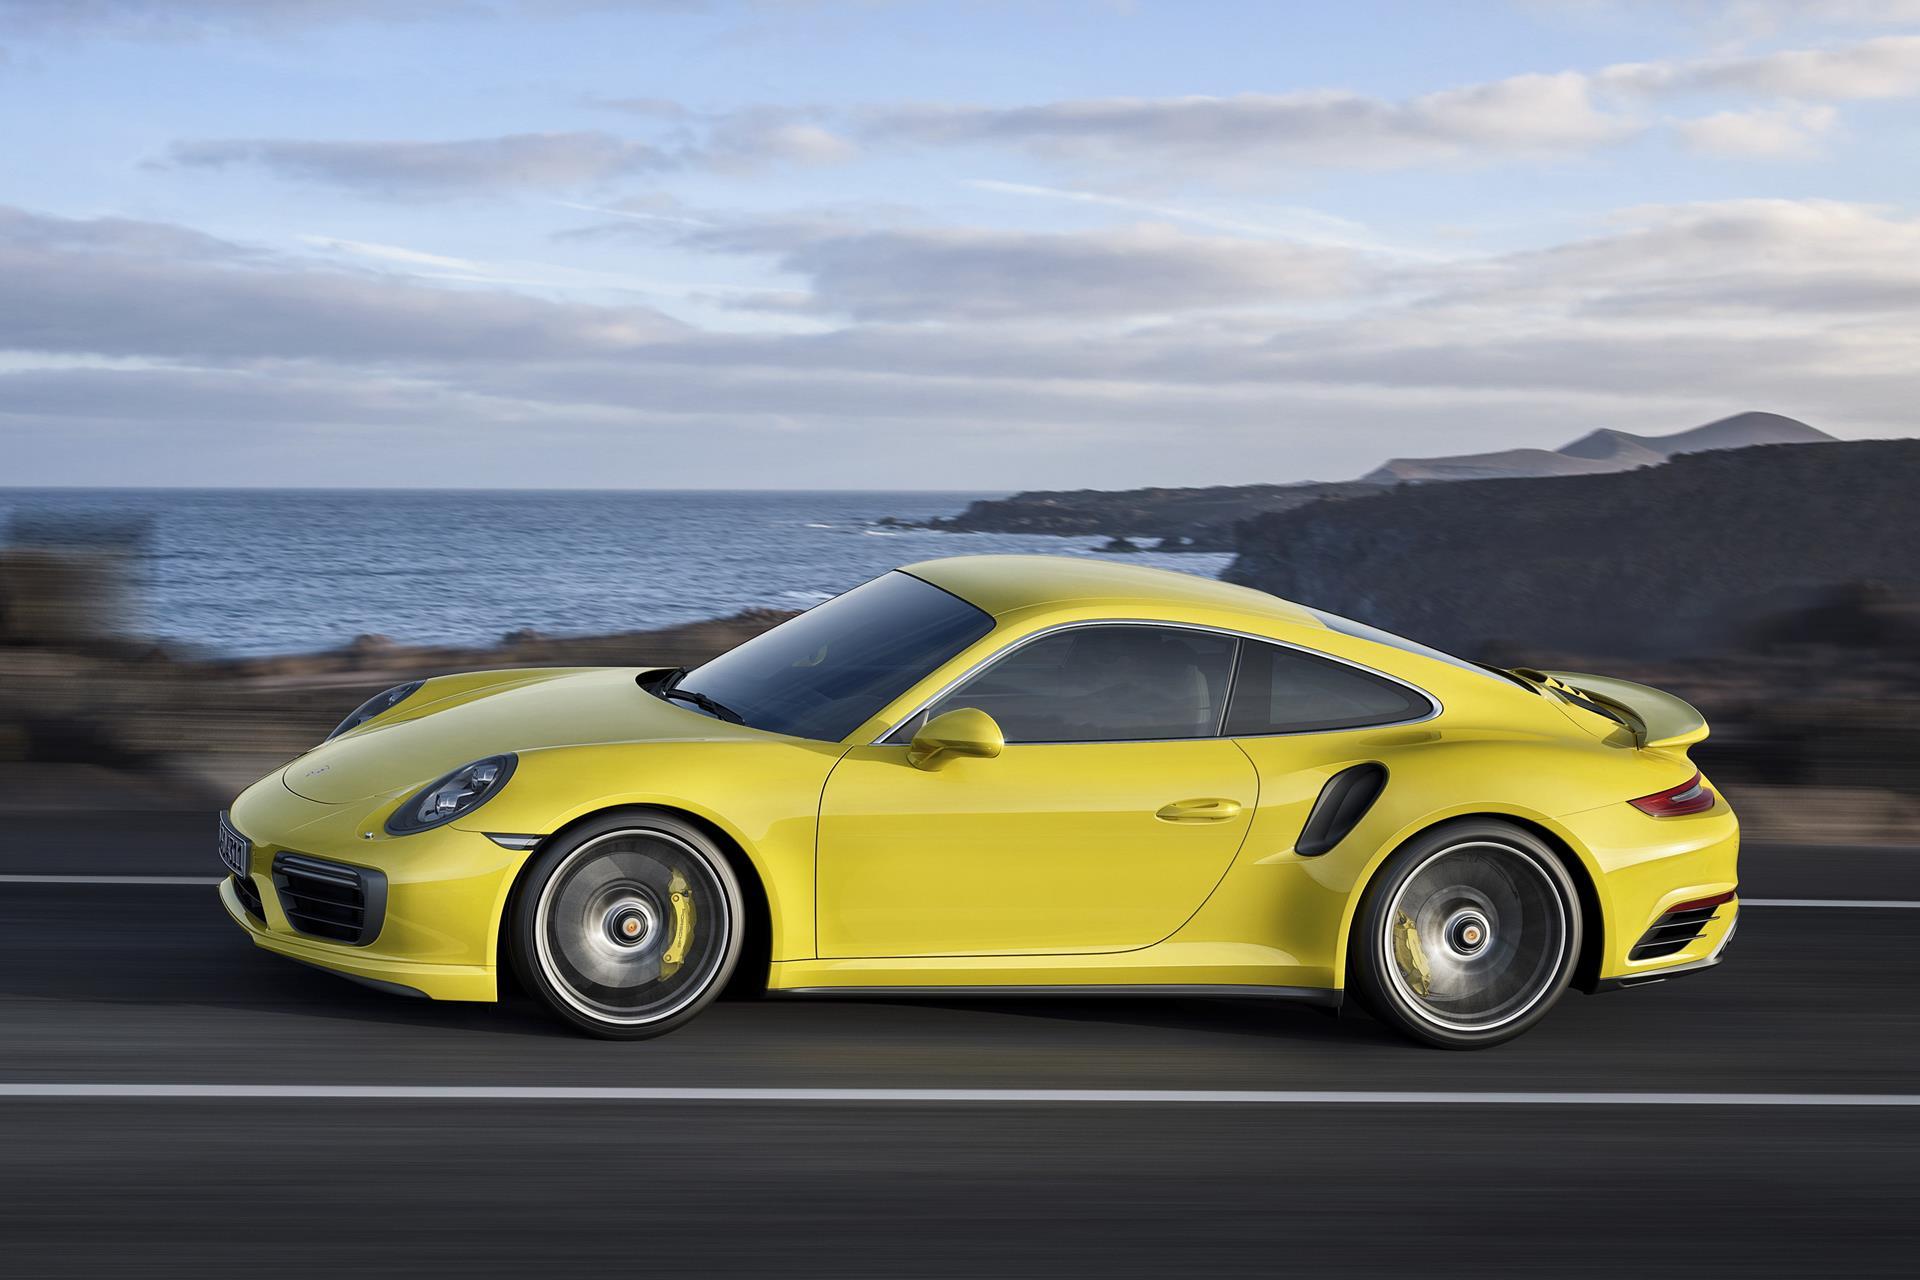 2017_Porsche-911-Turbo-Image_001 Terrific 2002 Porsche 911 Carrera Turbo Gt2 X50 Cars Trend